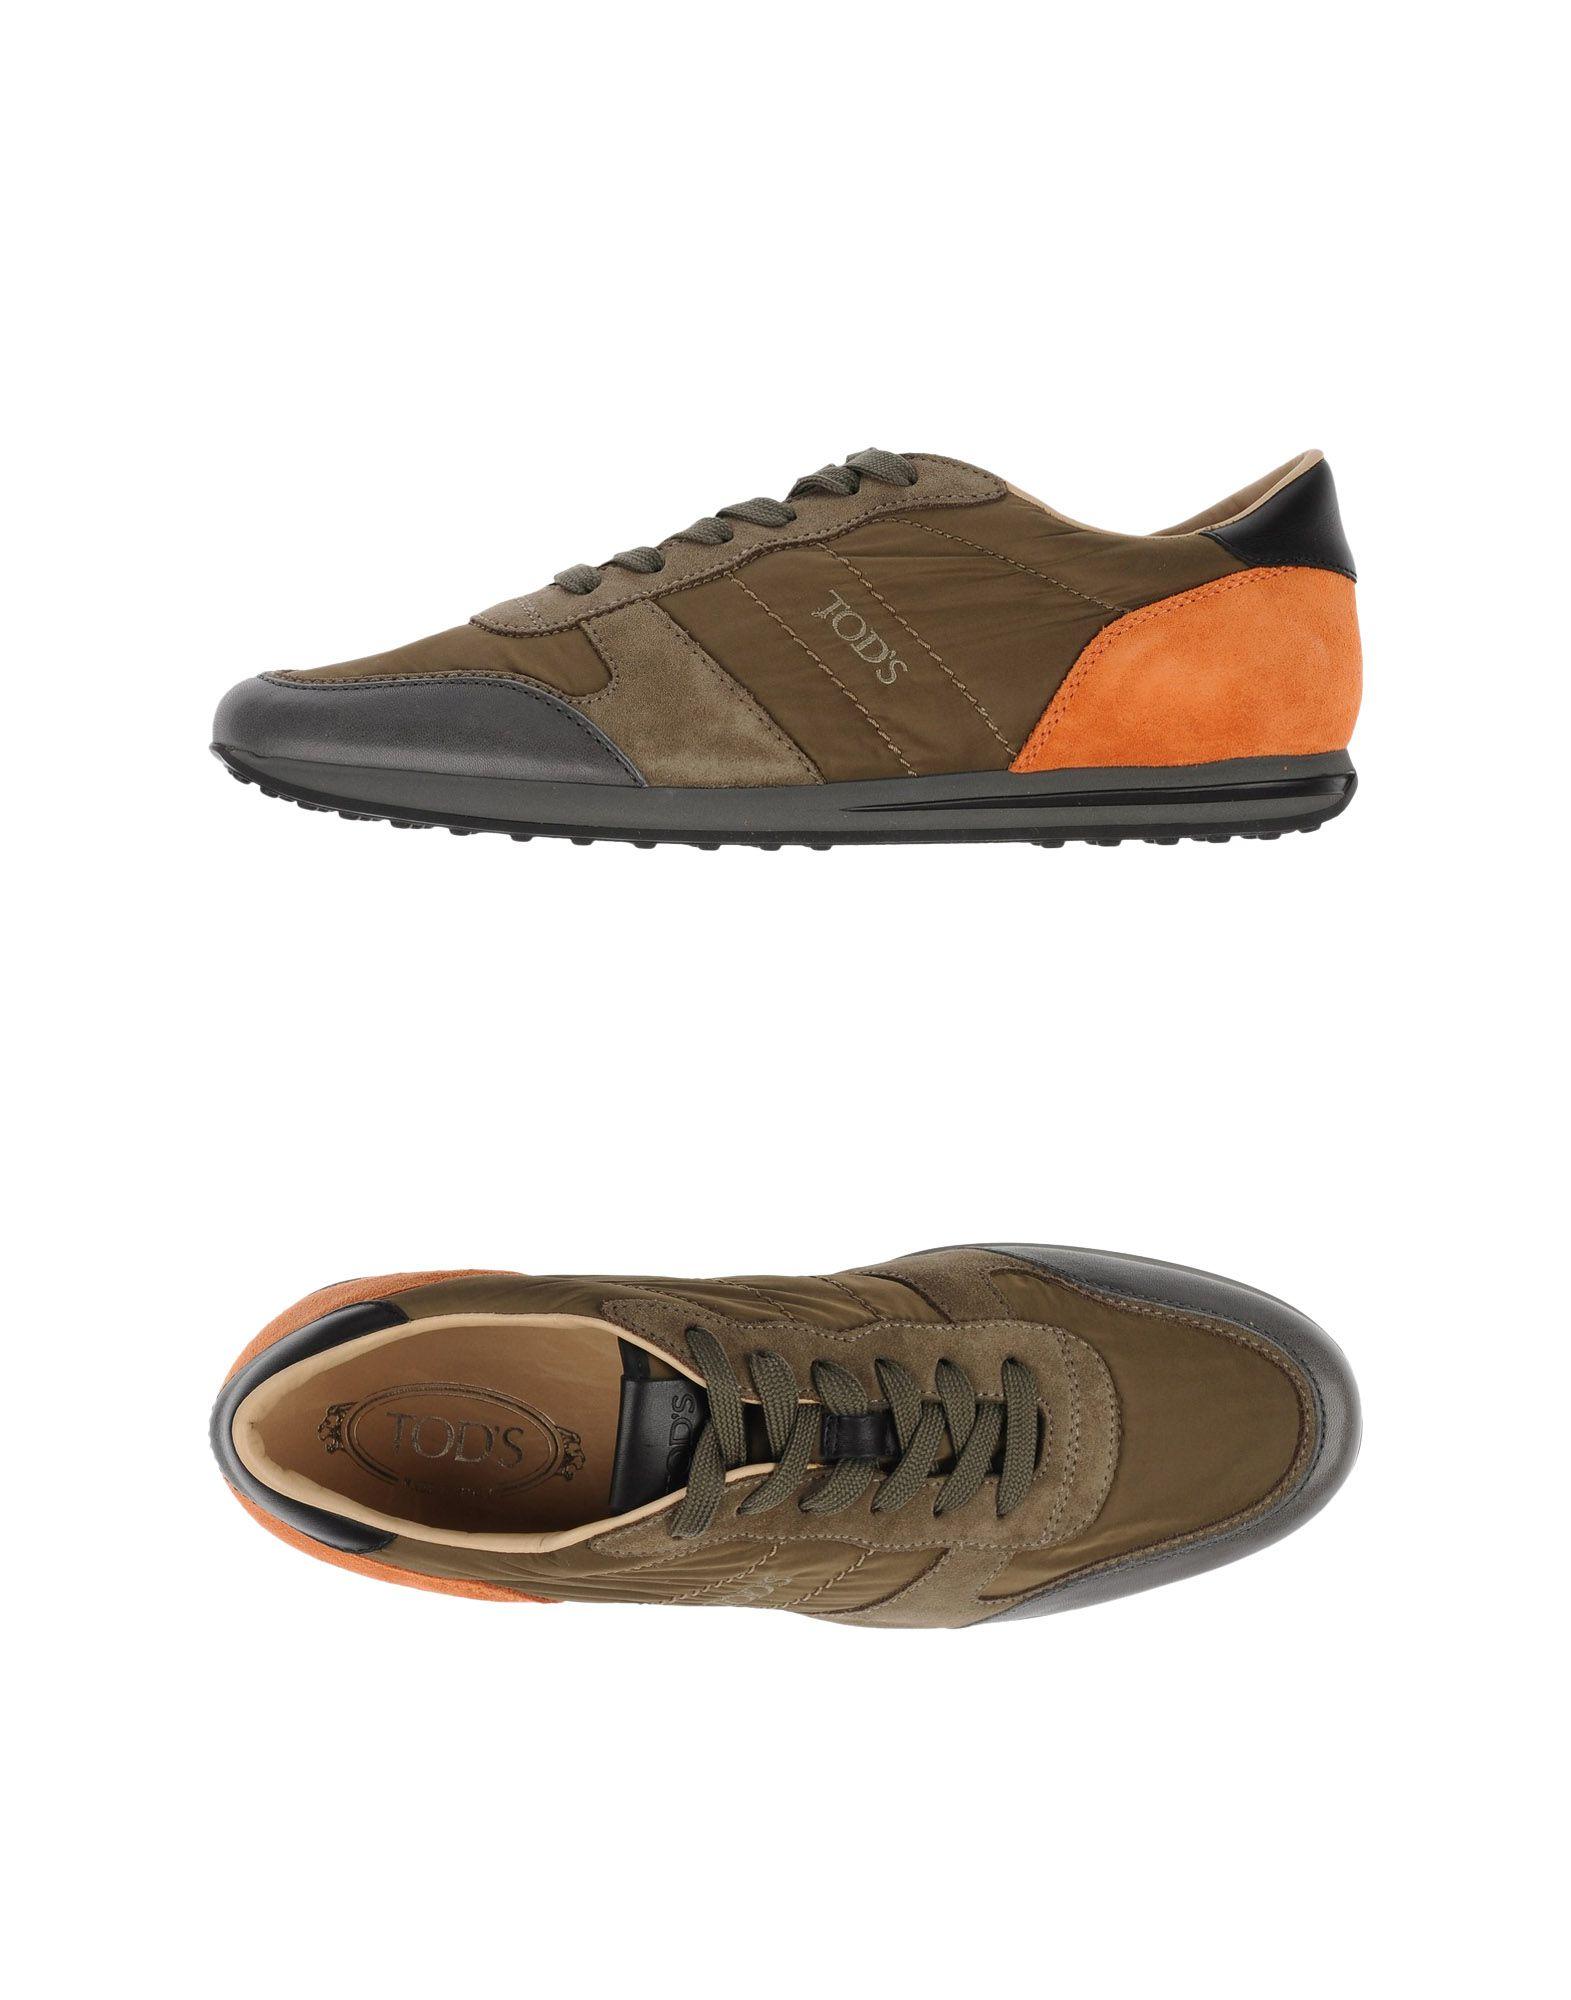 Moda Sneakers Tod's Uomo 44931574GF - 44931574GF Uomo daa9aa